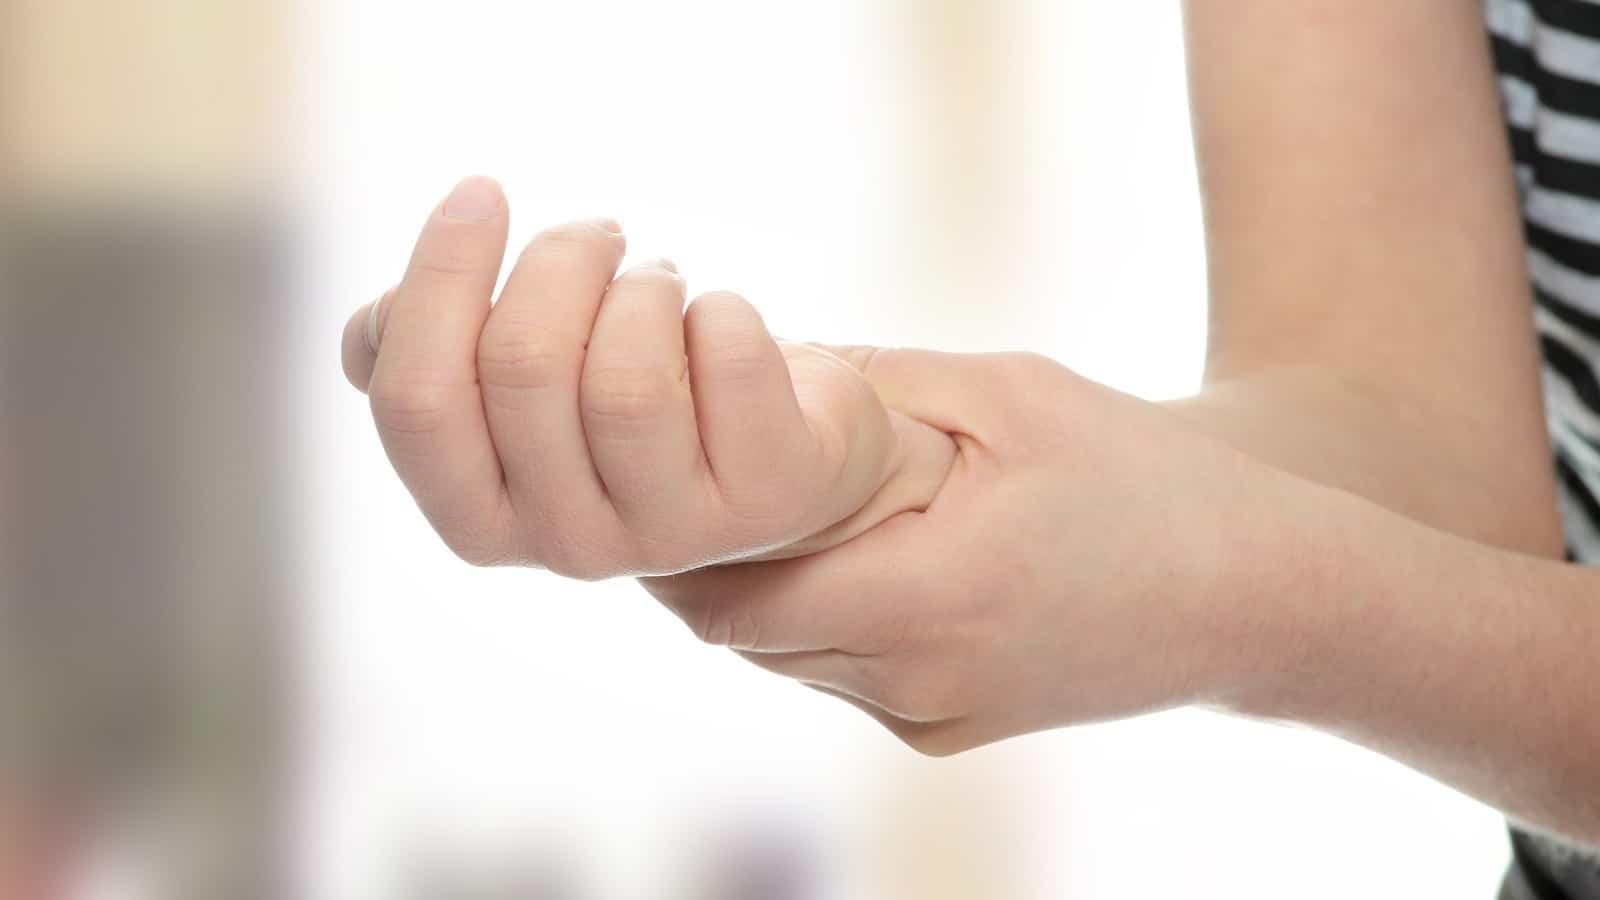 Arthrite goutteuse : La maladie dite de la goutte, késako exactement ?